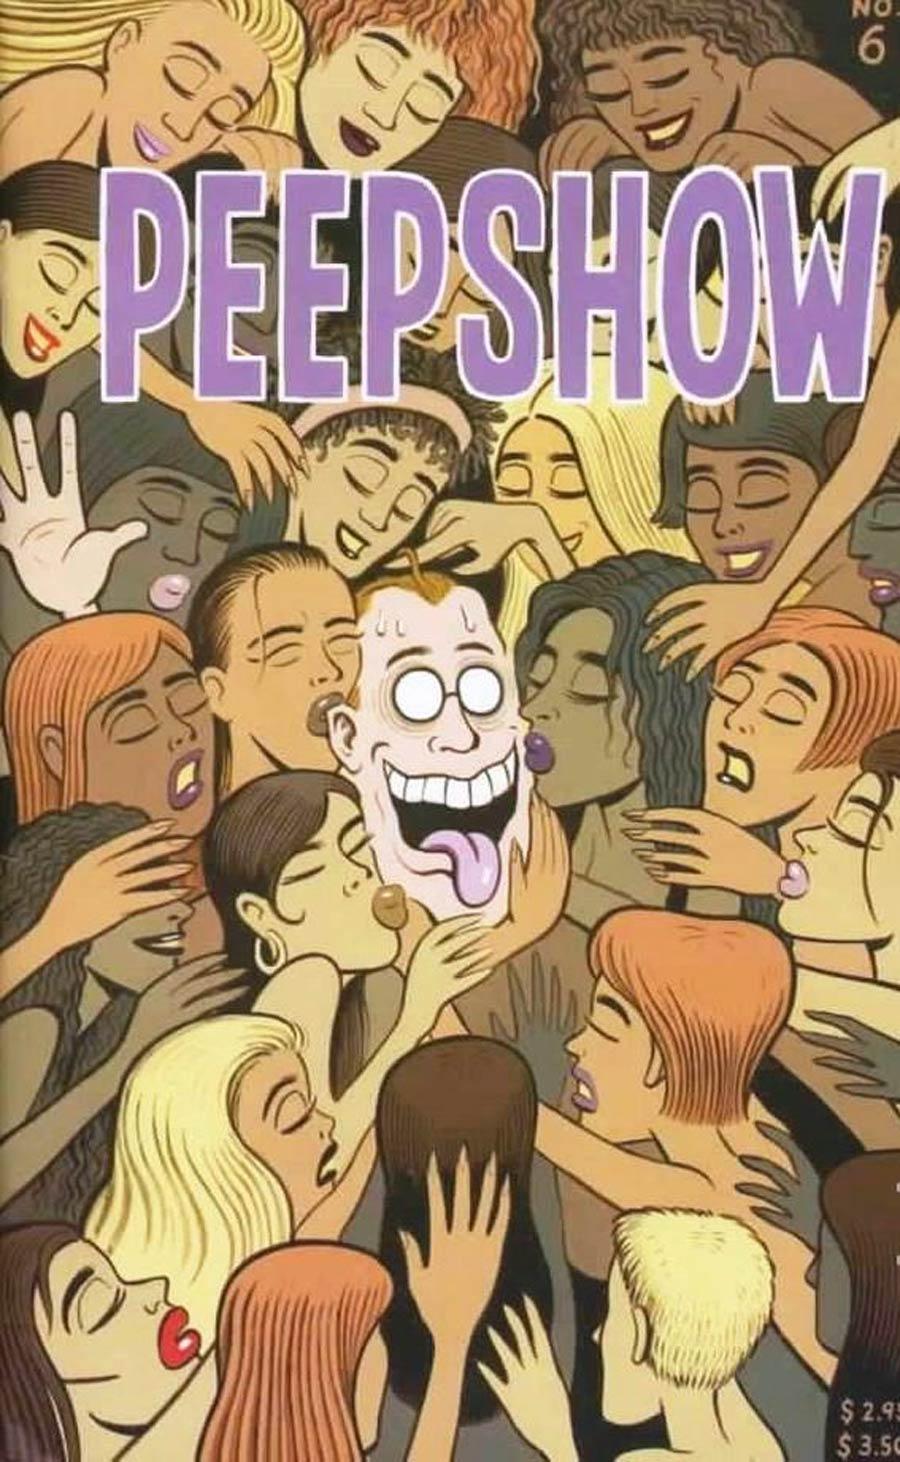 Peepshow #6